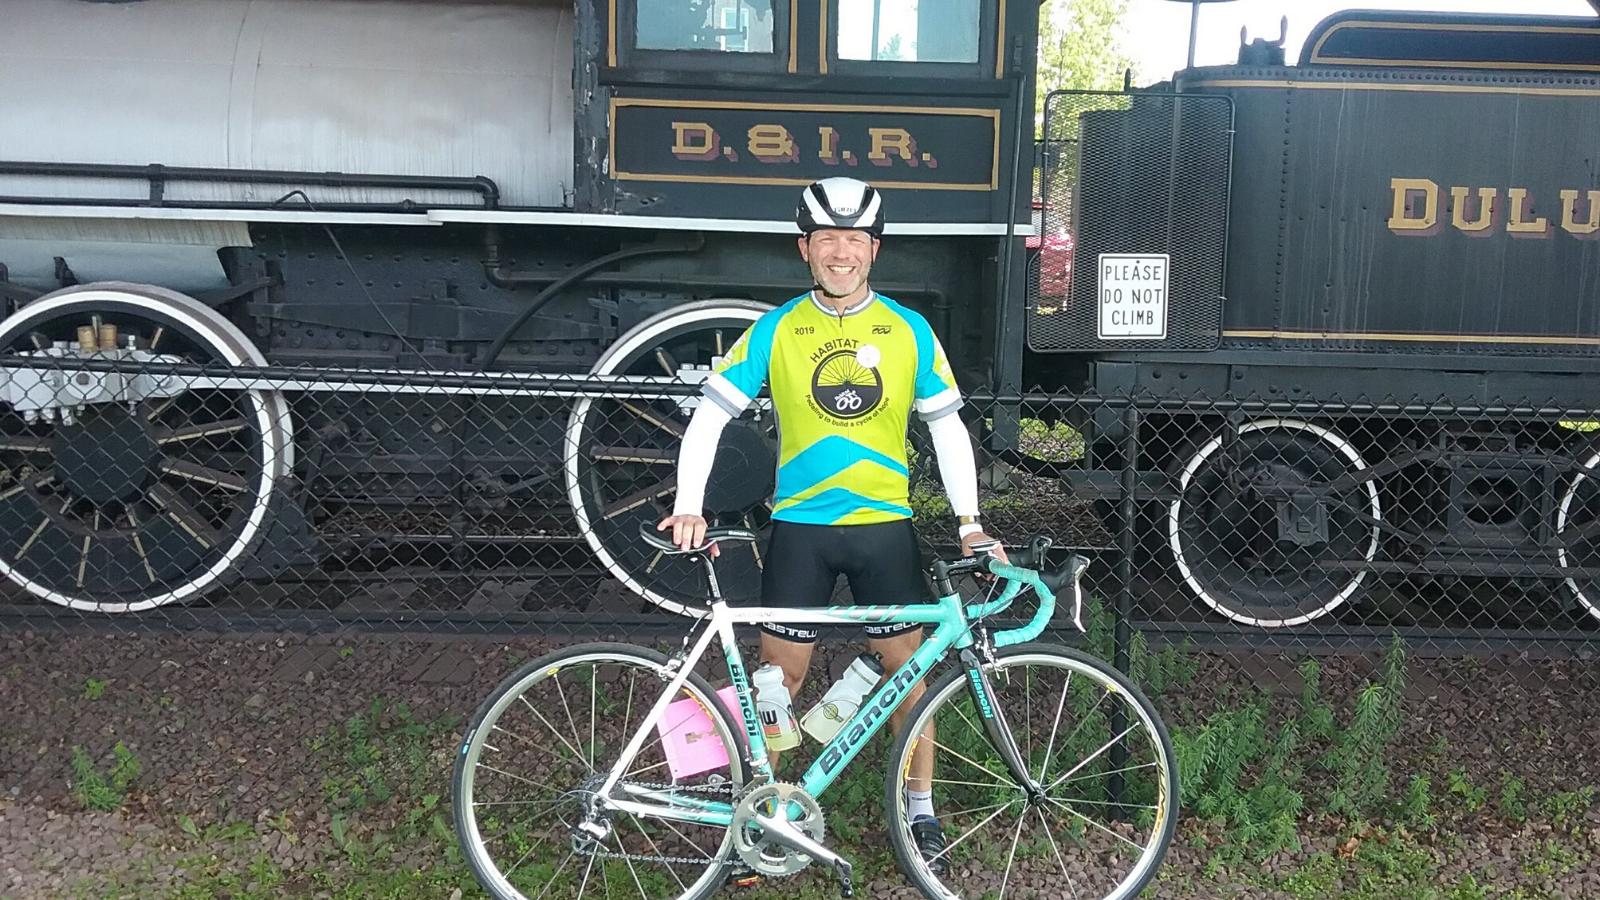 Mike and bike